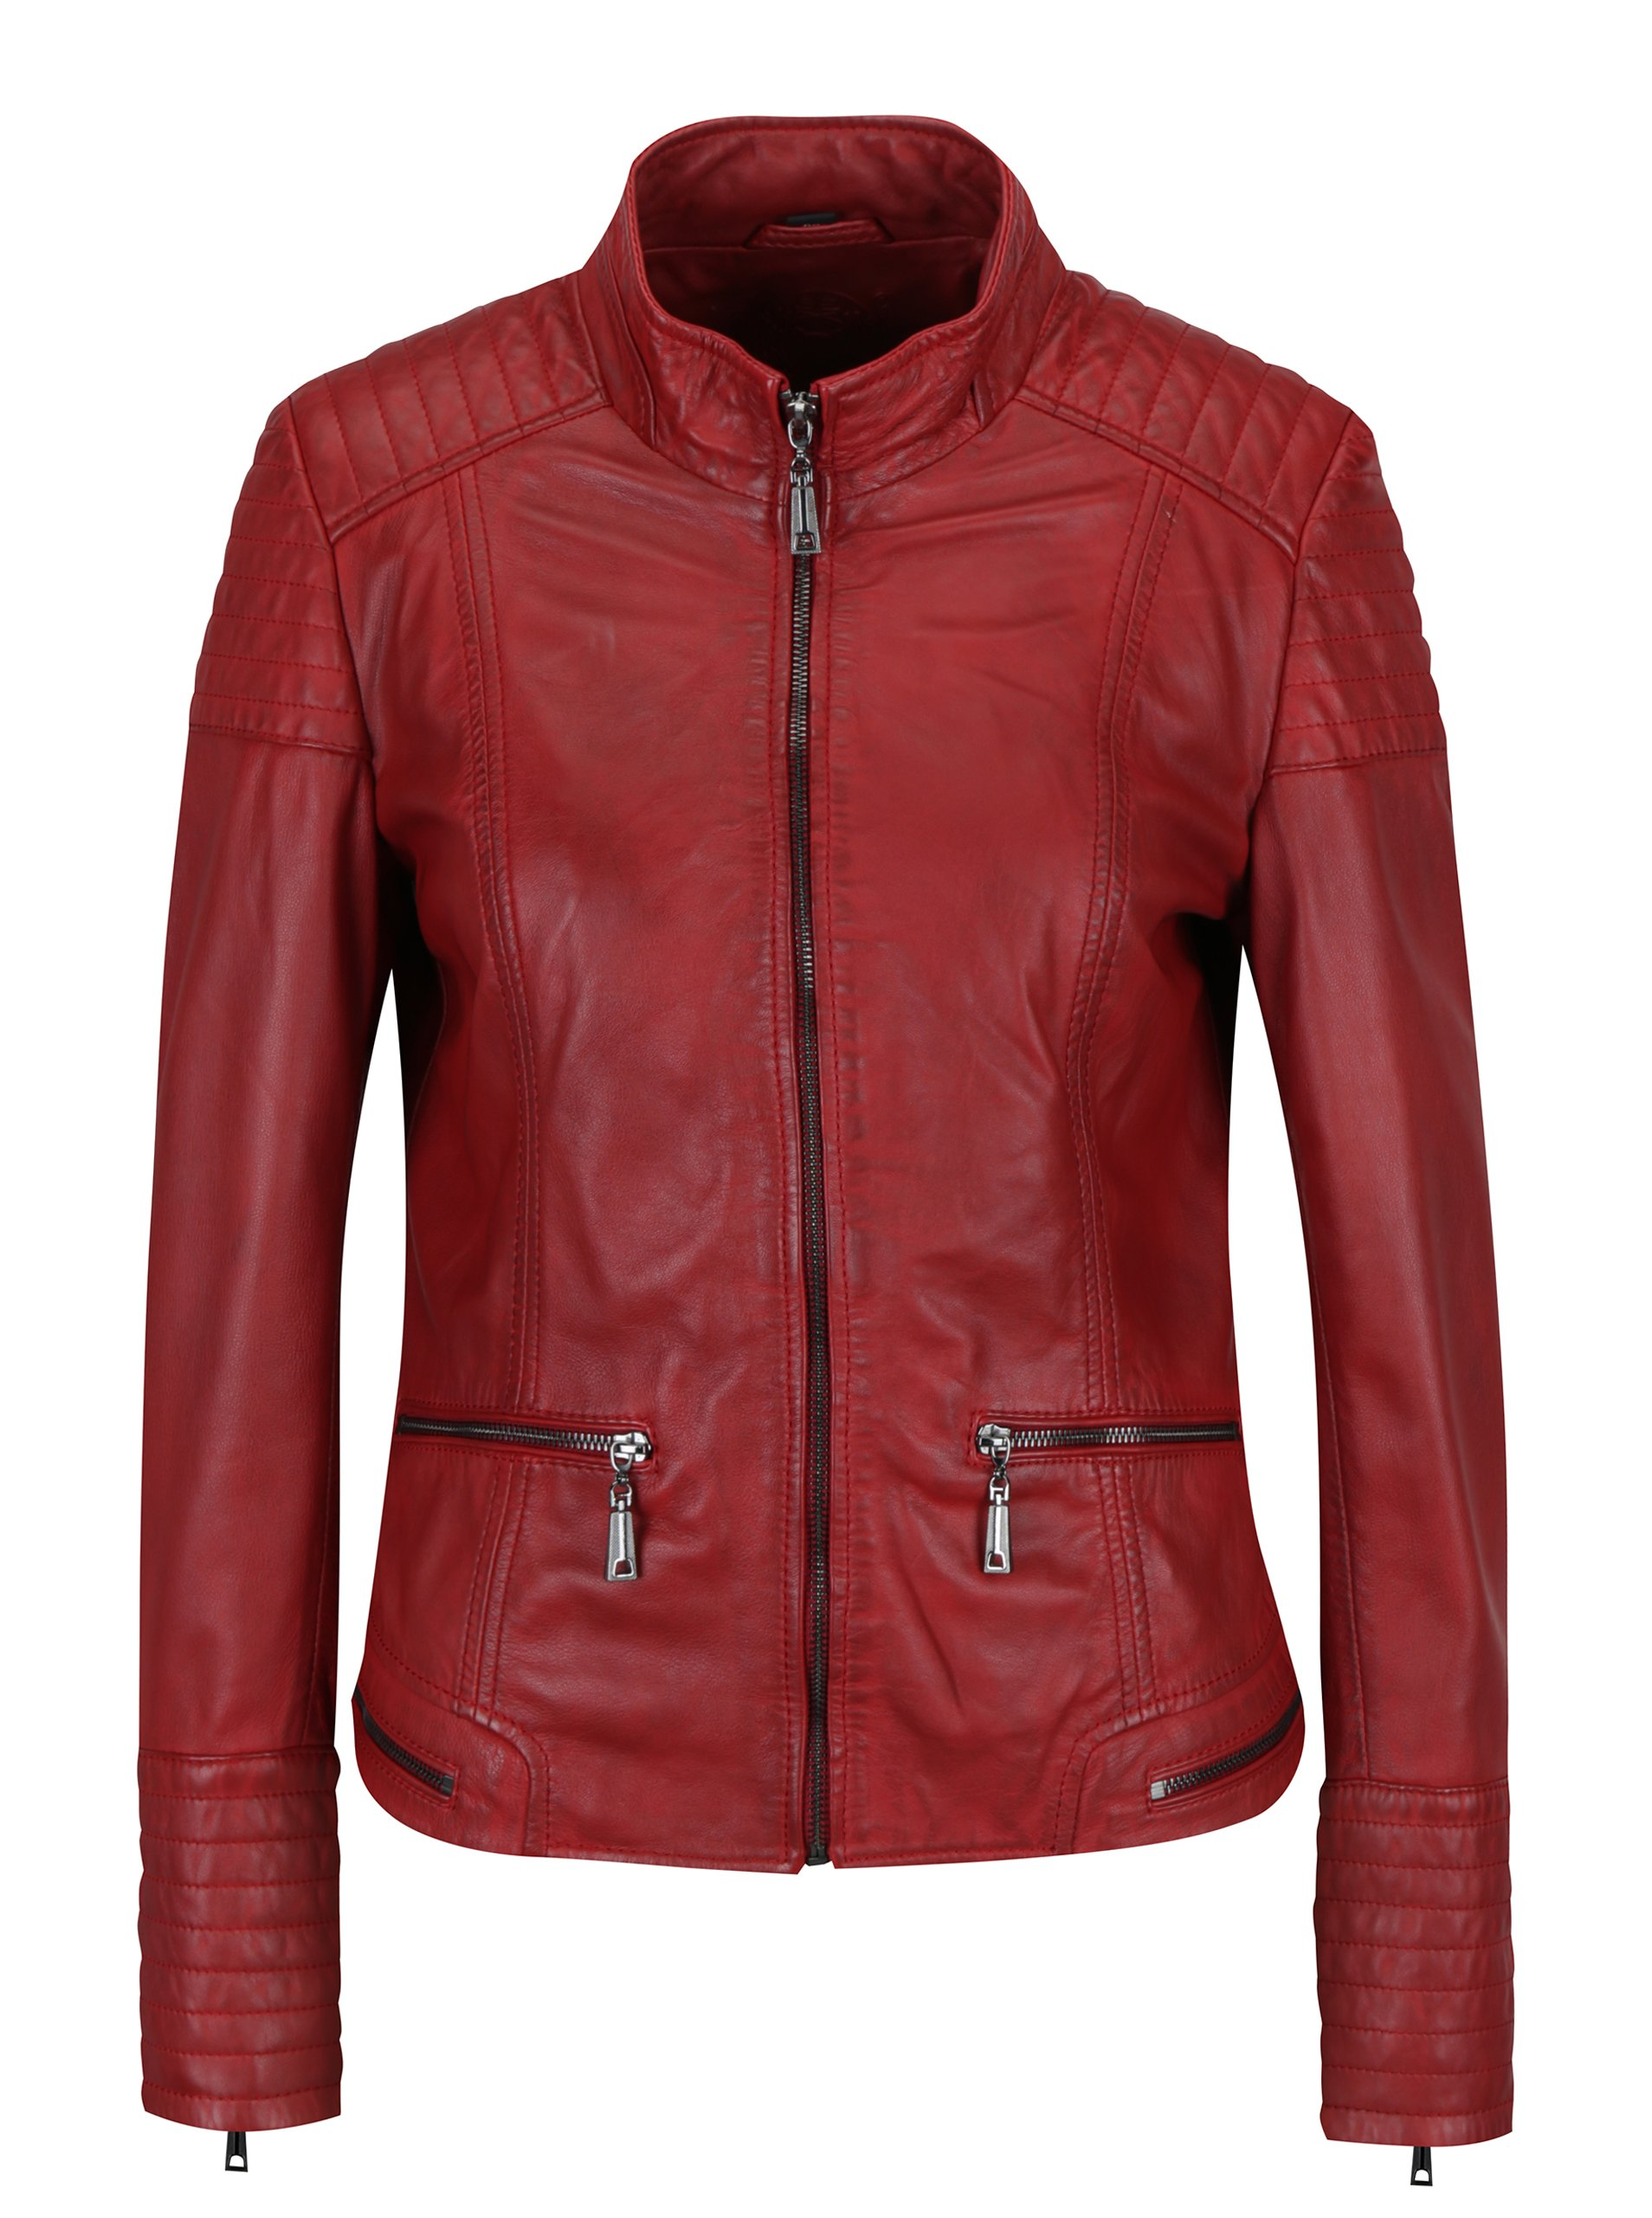 a46ffab93e0d Červená dámska kožená bunda s prešívanými detailmi KARA Pavlina ...